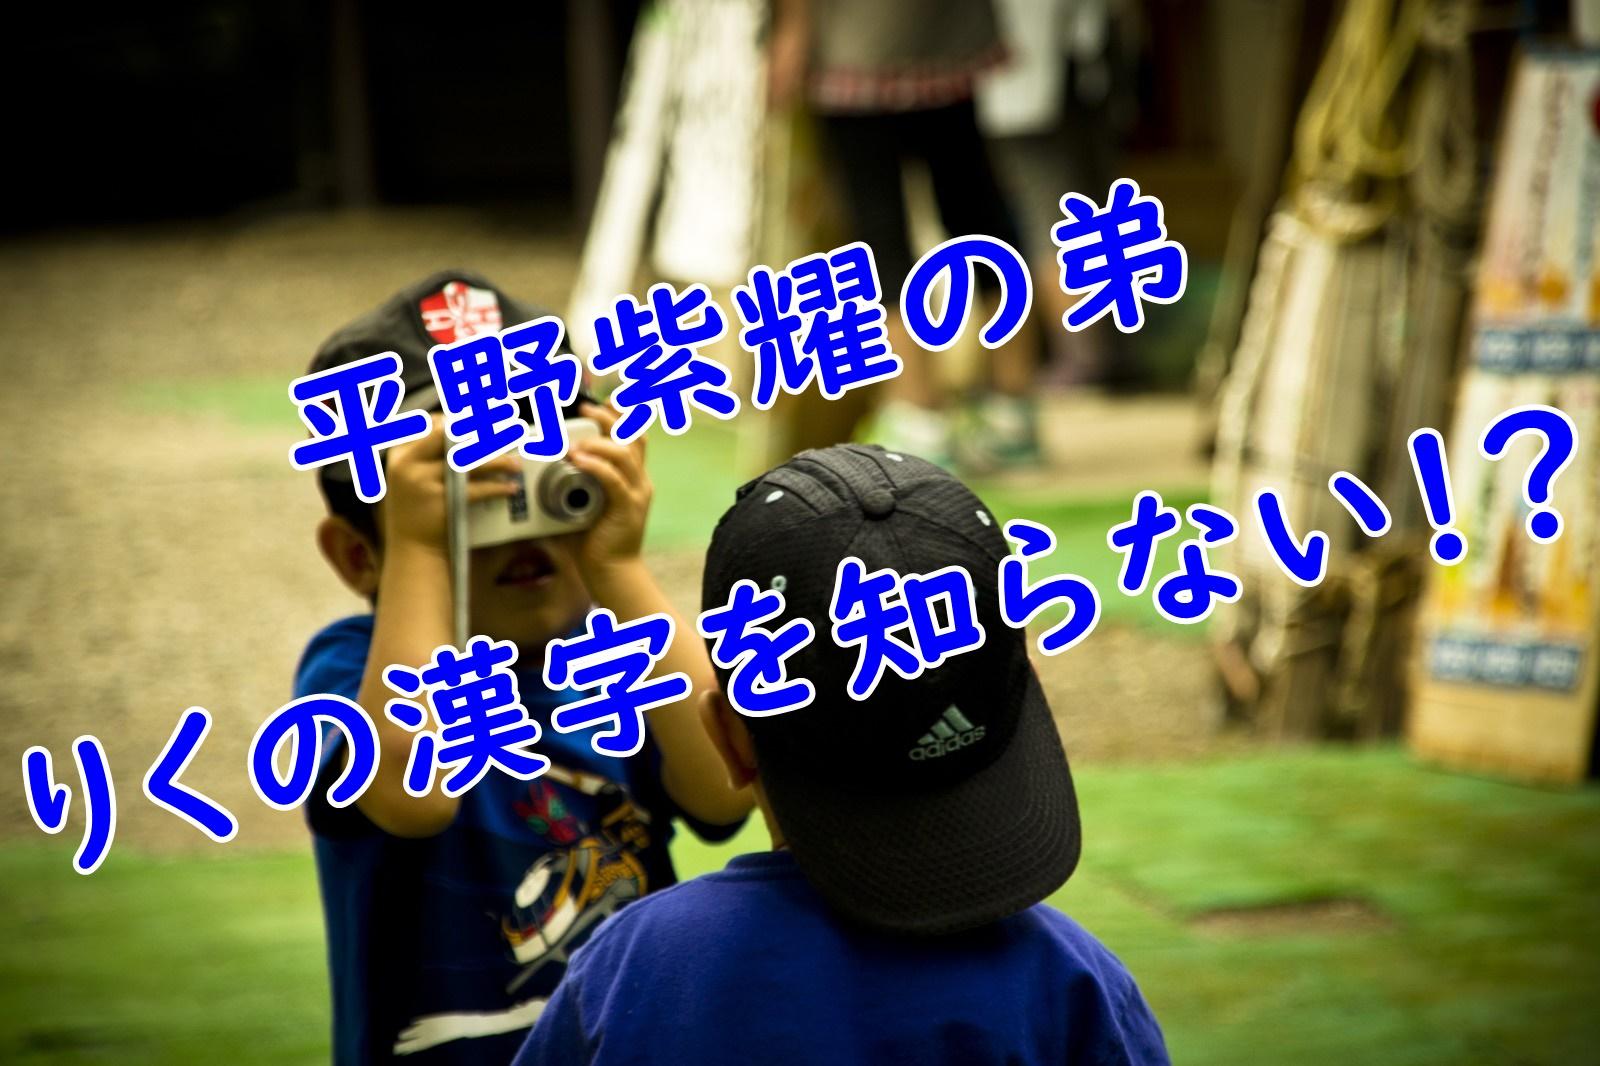 平野紫耀は弟りくの漢字を知らないのは本当!?